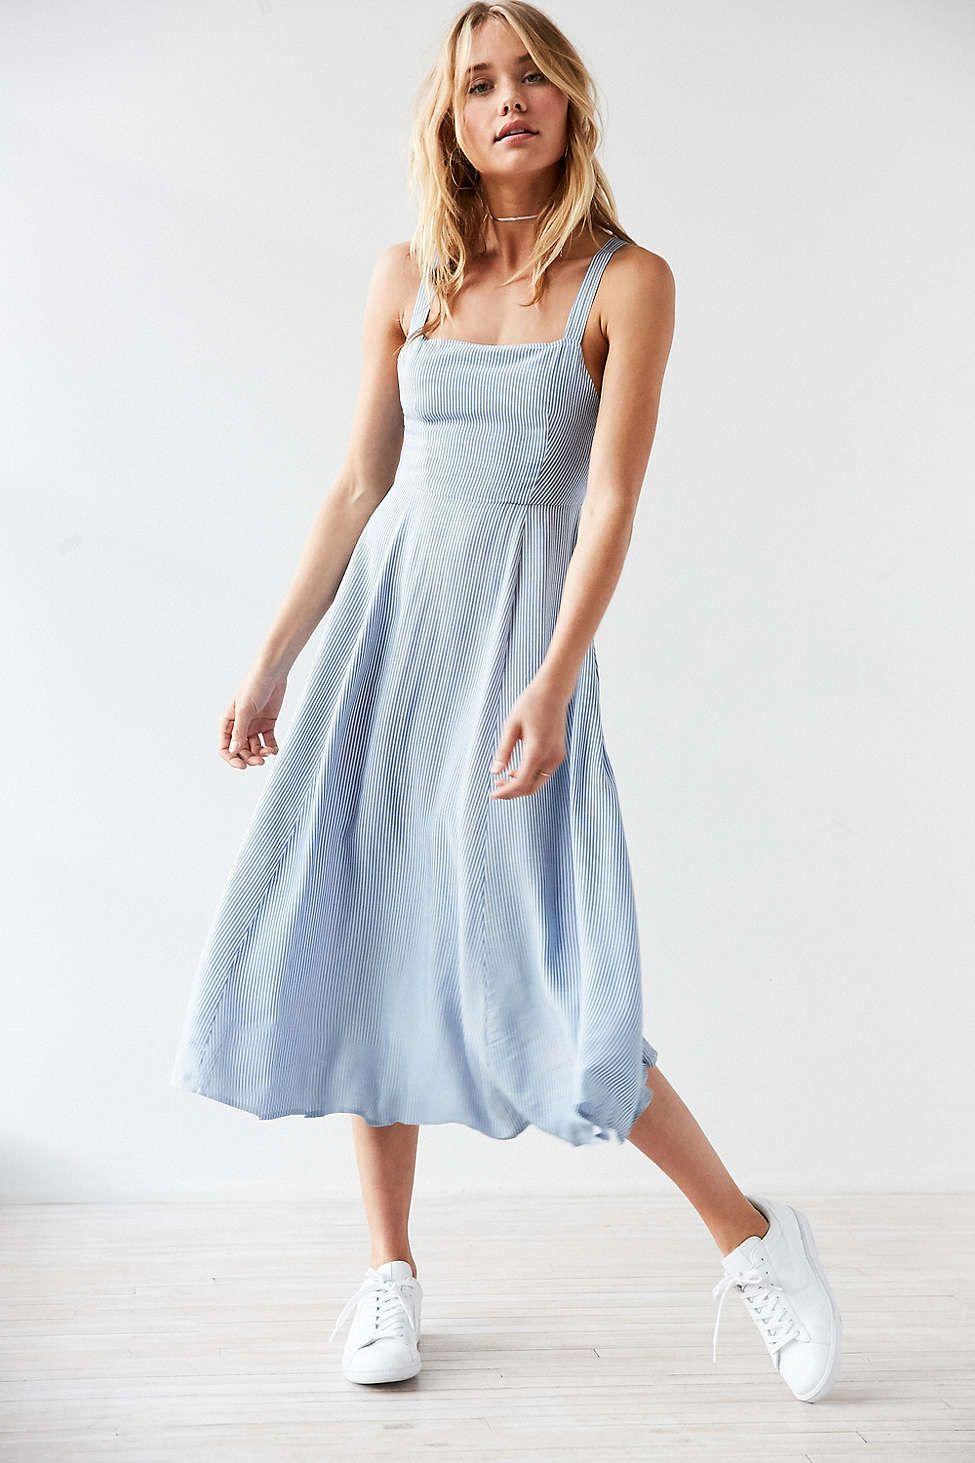 37+ Square neck midi dress ideas